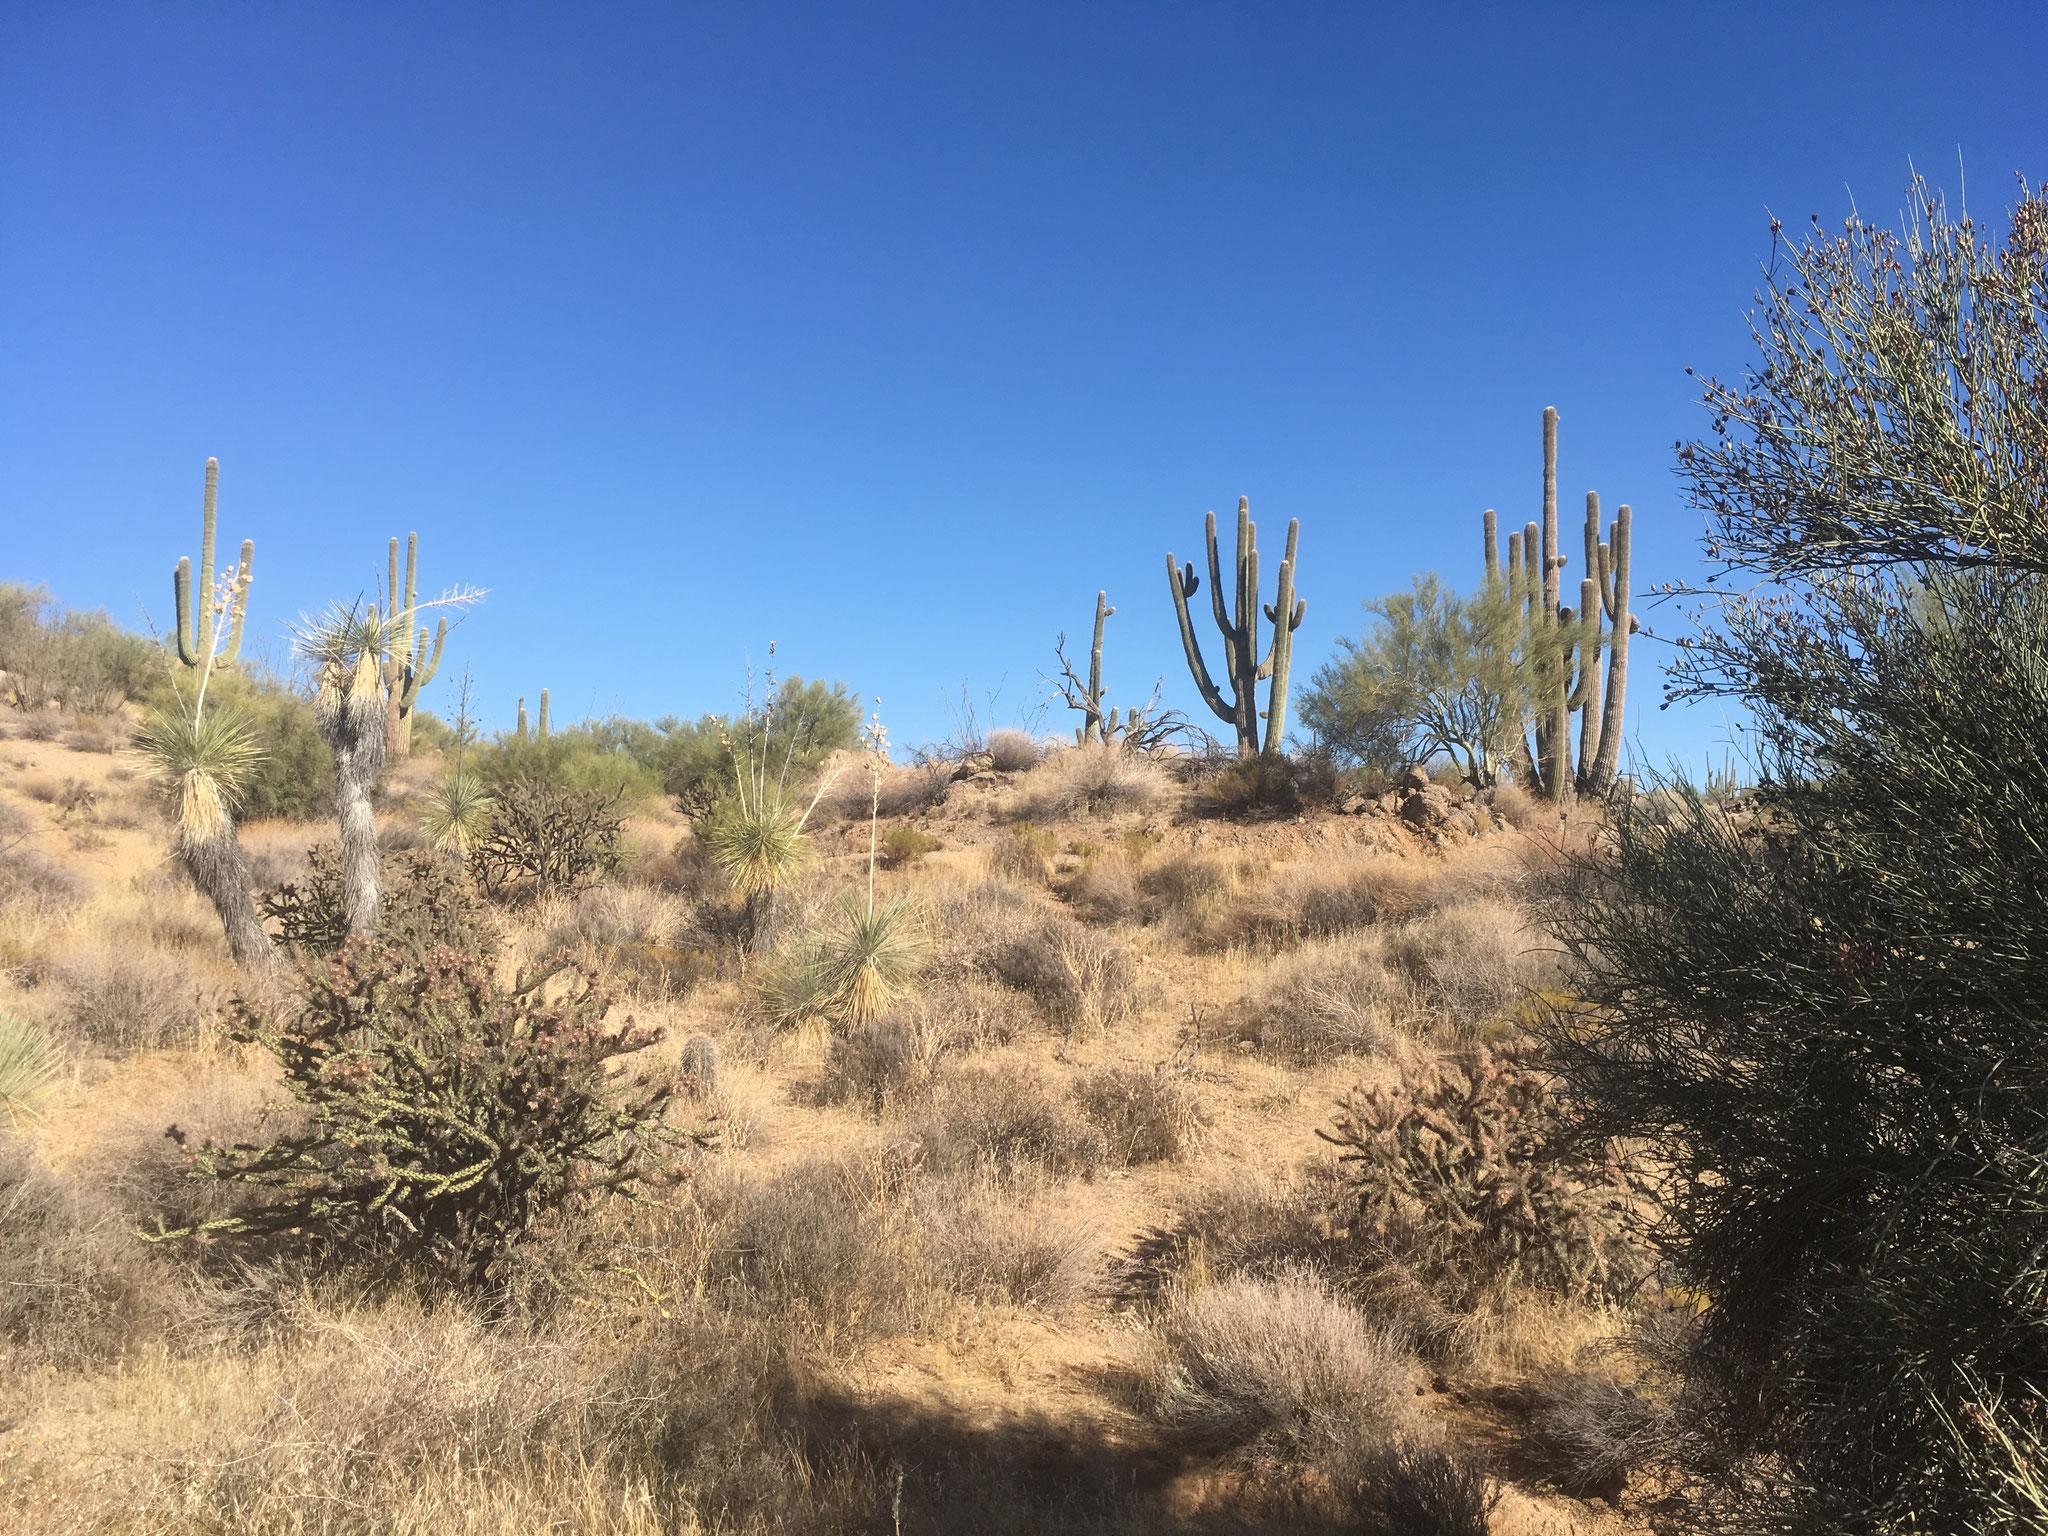 Mc Dowell Sonoran Preserve